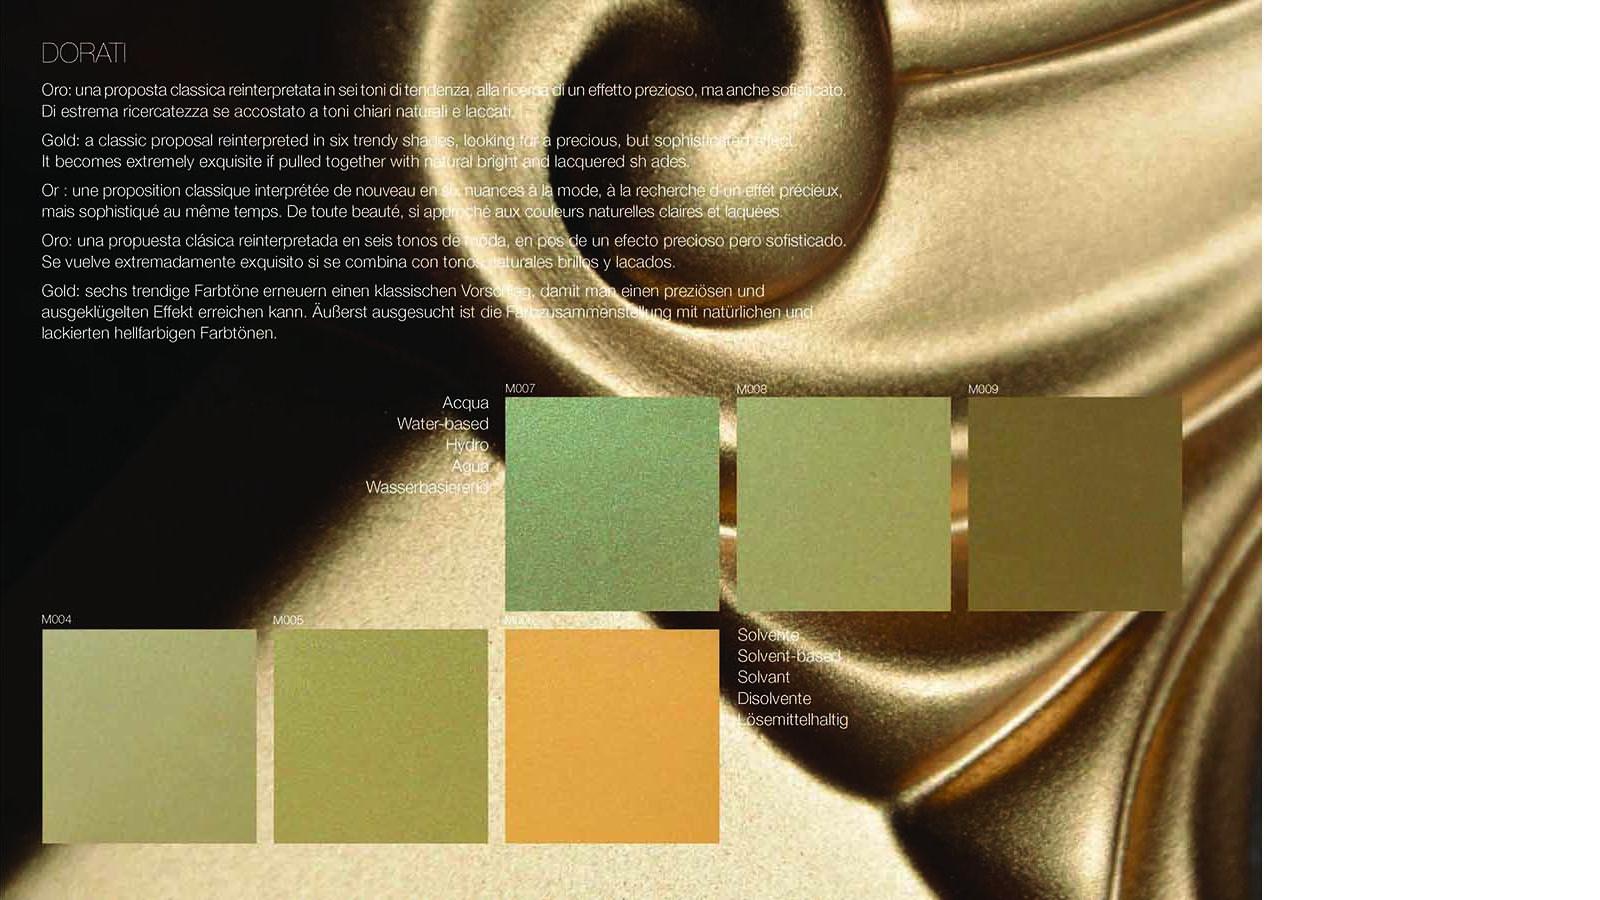 color-tunes-charts-metallizzati-renner-dorati copia 2